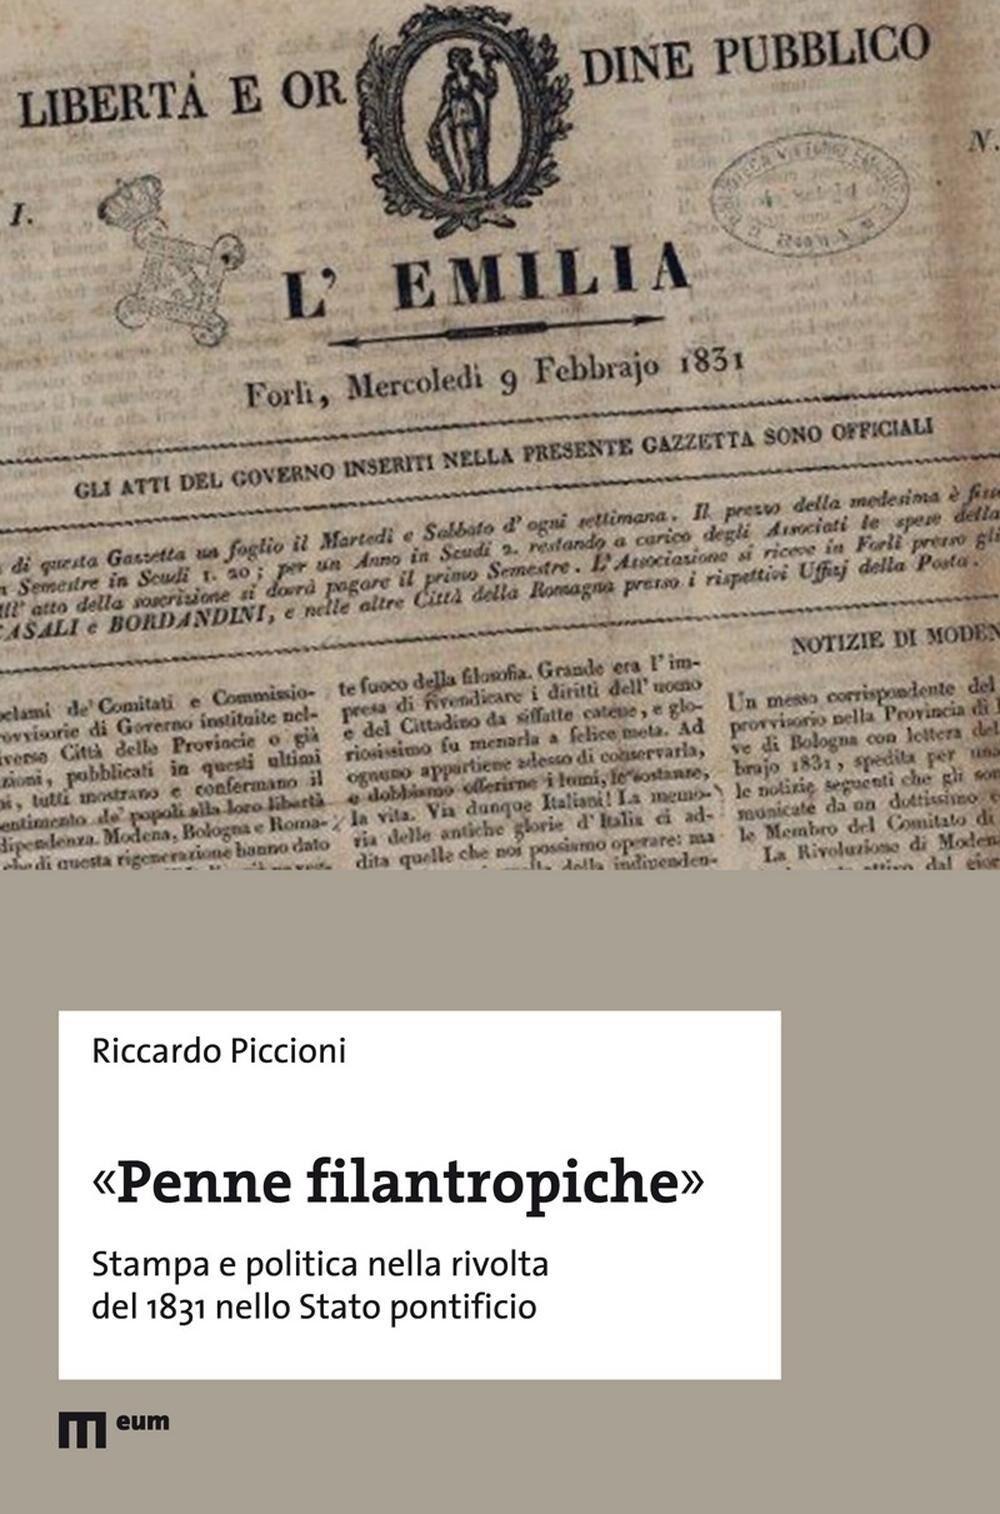 «Penne filantropiche». Stampa e politica nella rivolta del 1831 nello Stato pontificio